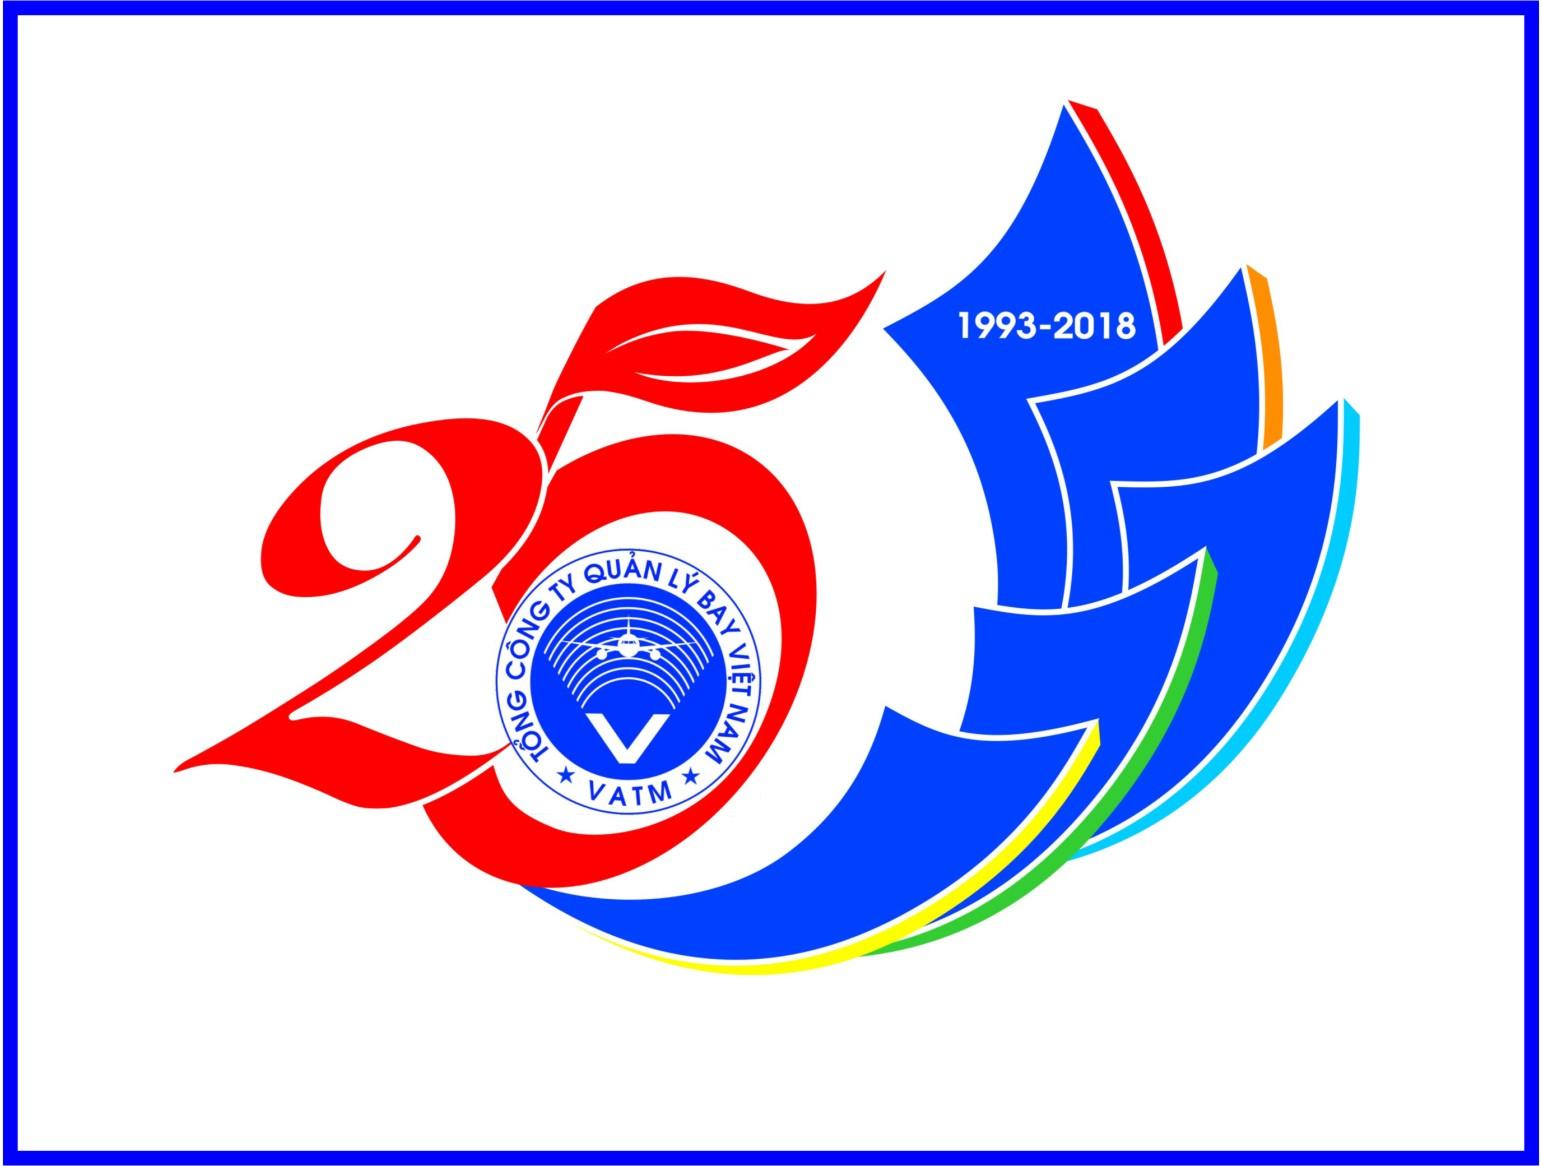 Kỷ niệm 25 năm thành lập Tổng công ty